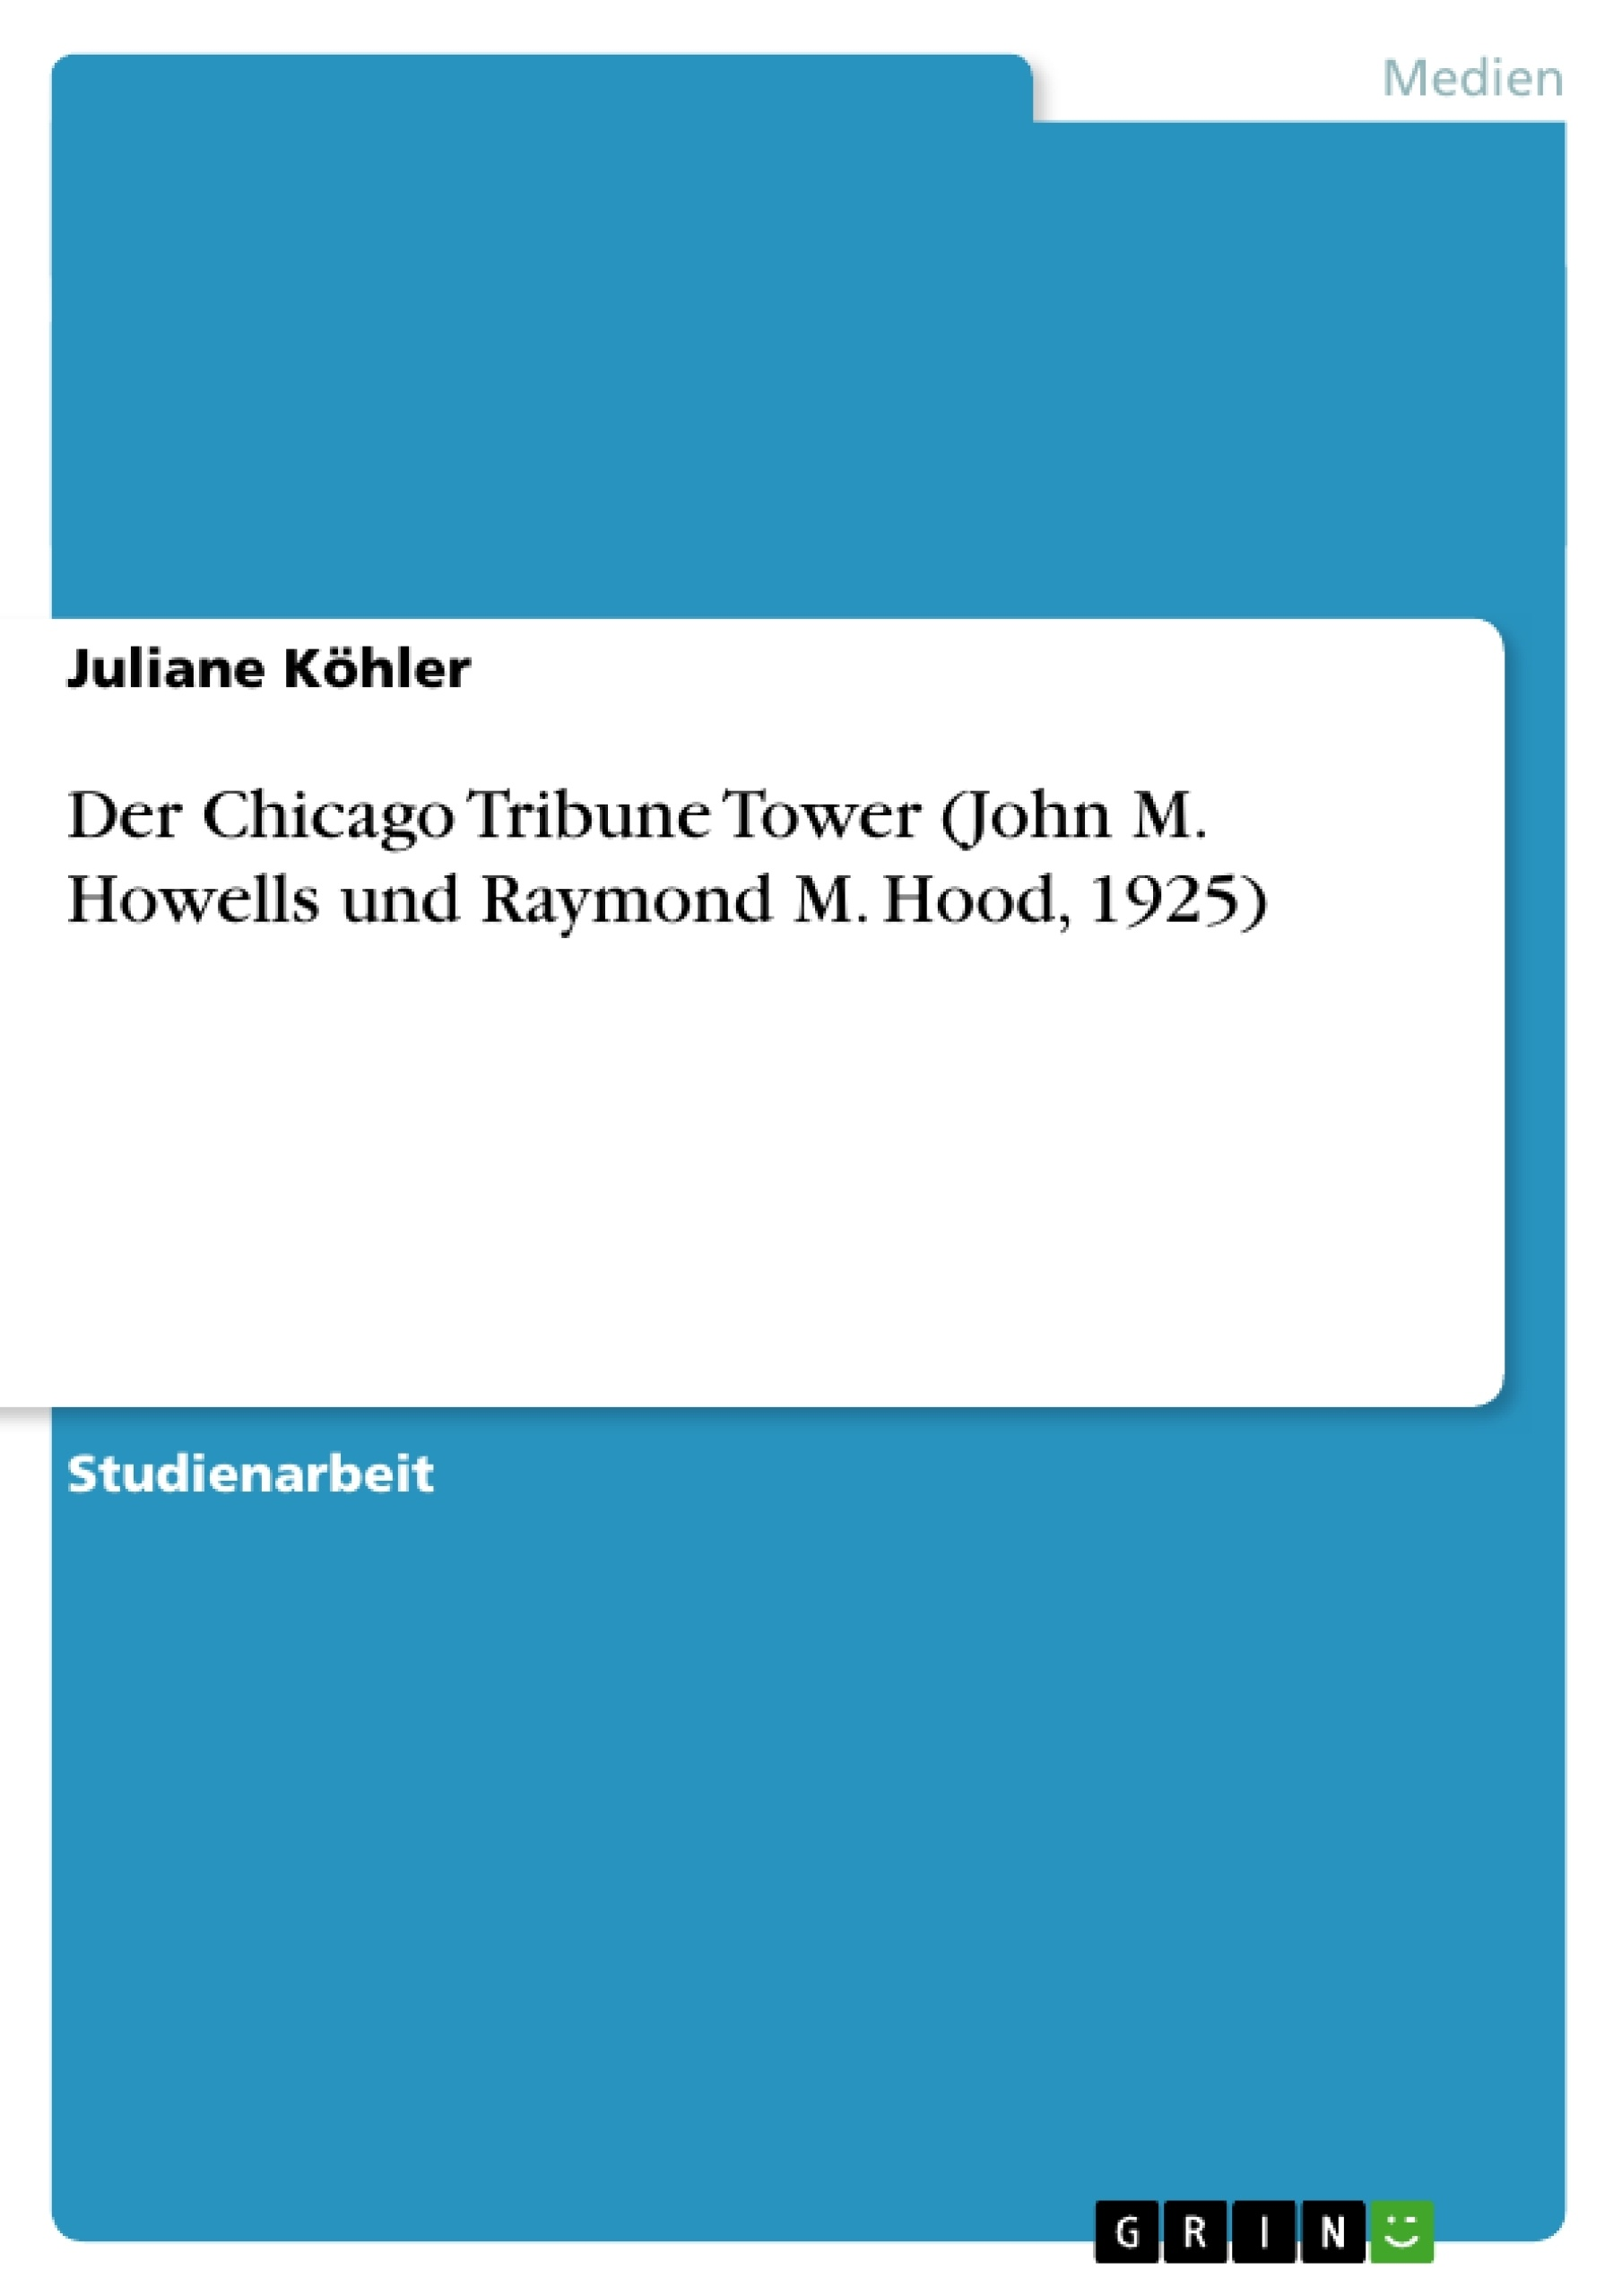 Titel: Der Chicago Tribune Tower (John M. Howells und Raymond M. Hood, 1925)